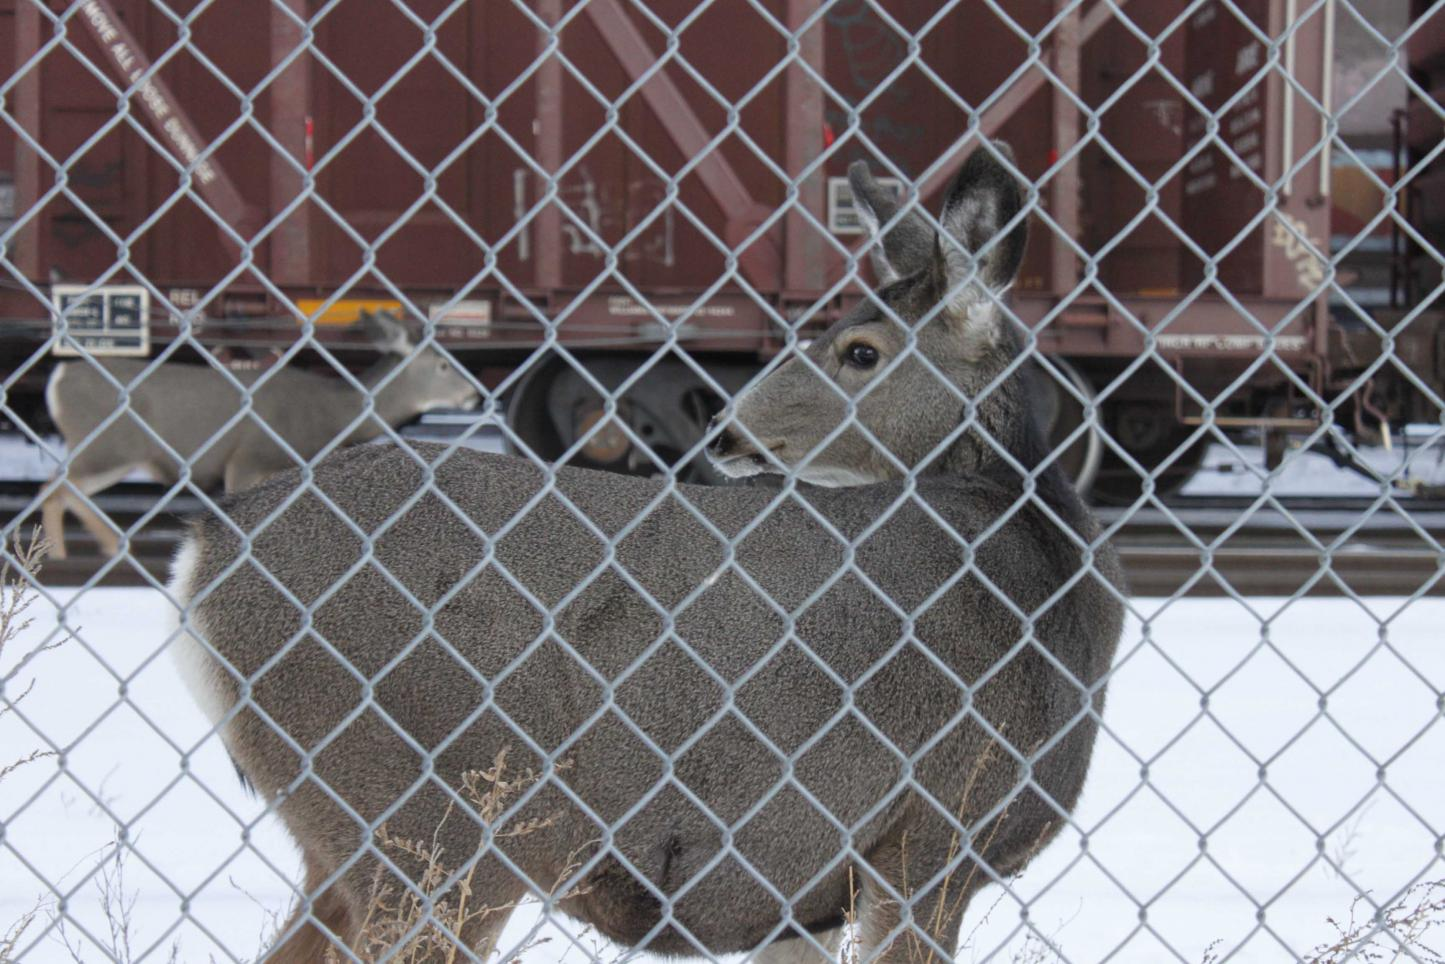 Deer behind Fence.jpg